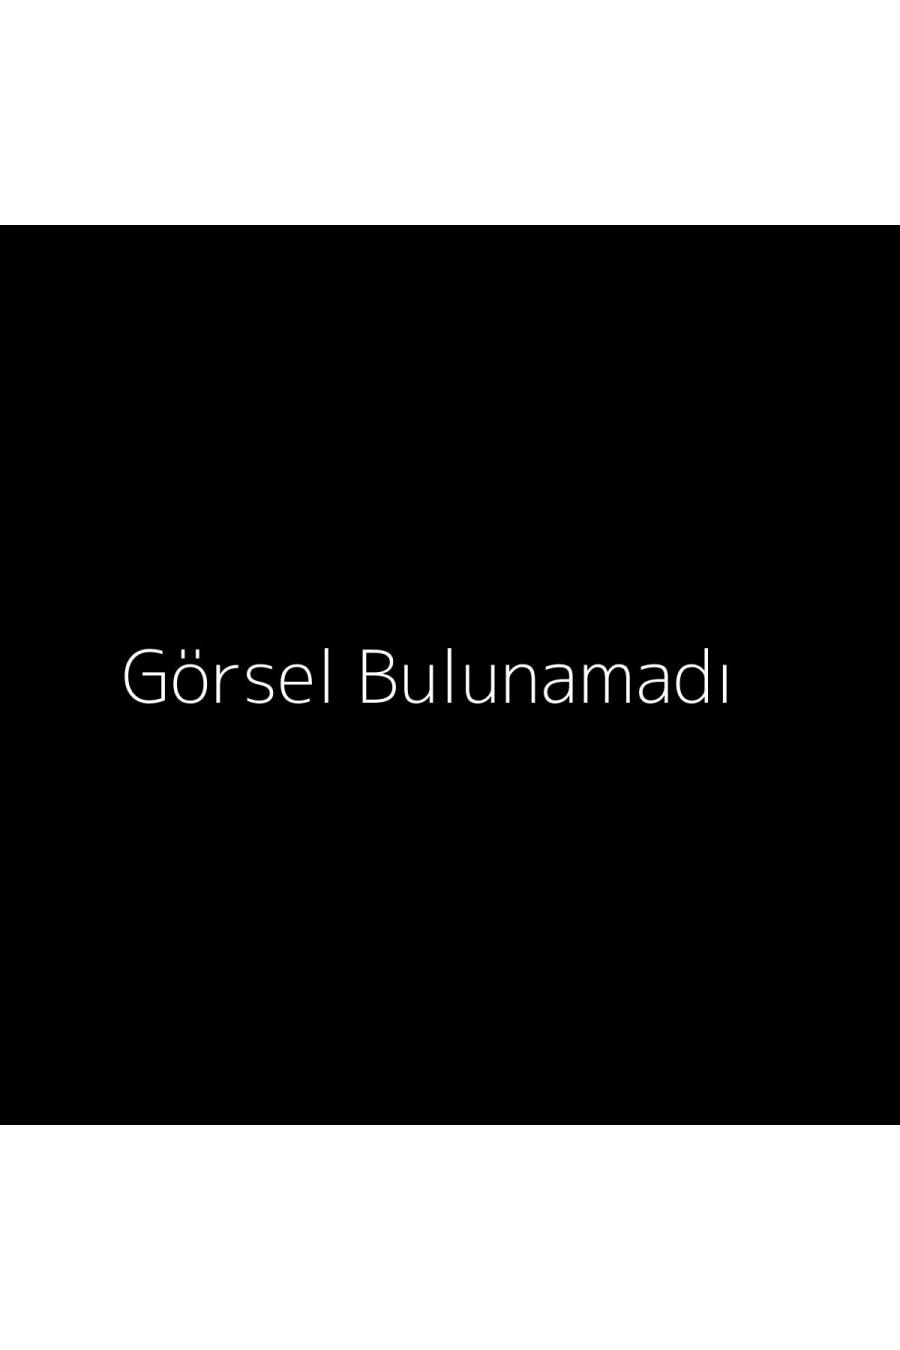 HARRAN 19x25 ÇİZGİLİ S1